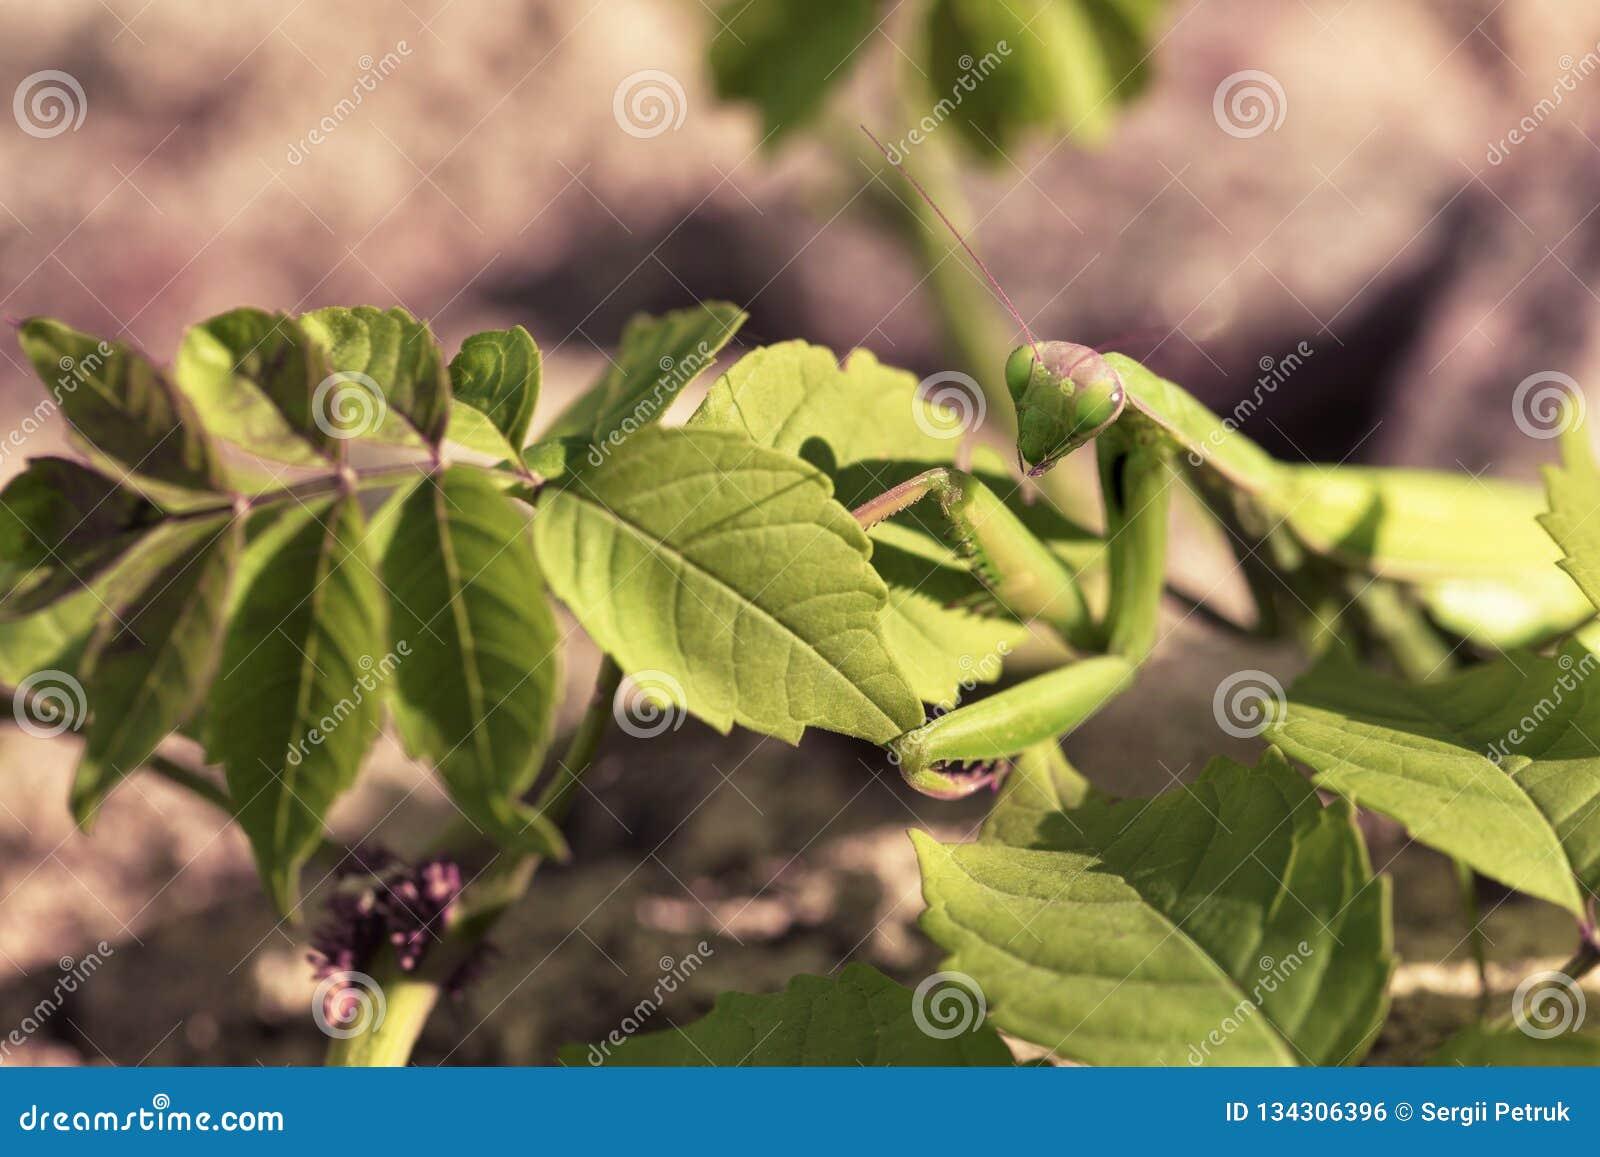 Τα θηλυκά mantis κλείνουν επάνω σε ένα υπόβαθρο των πράσινων φύλλων του θάμνου